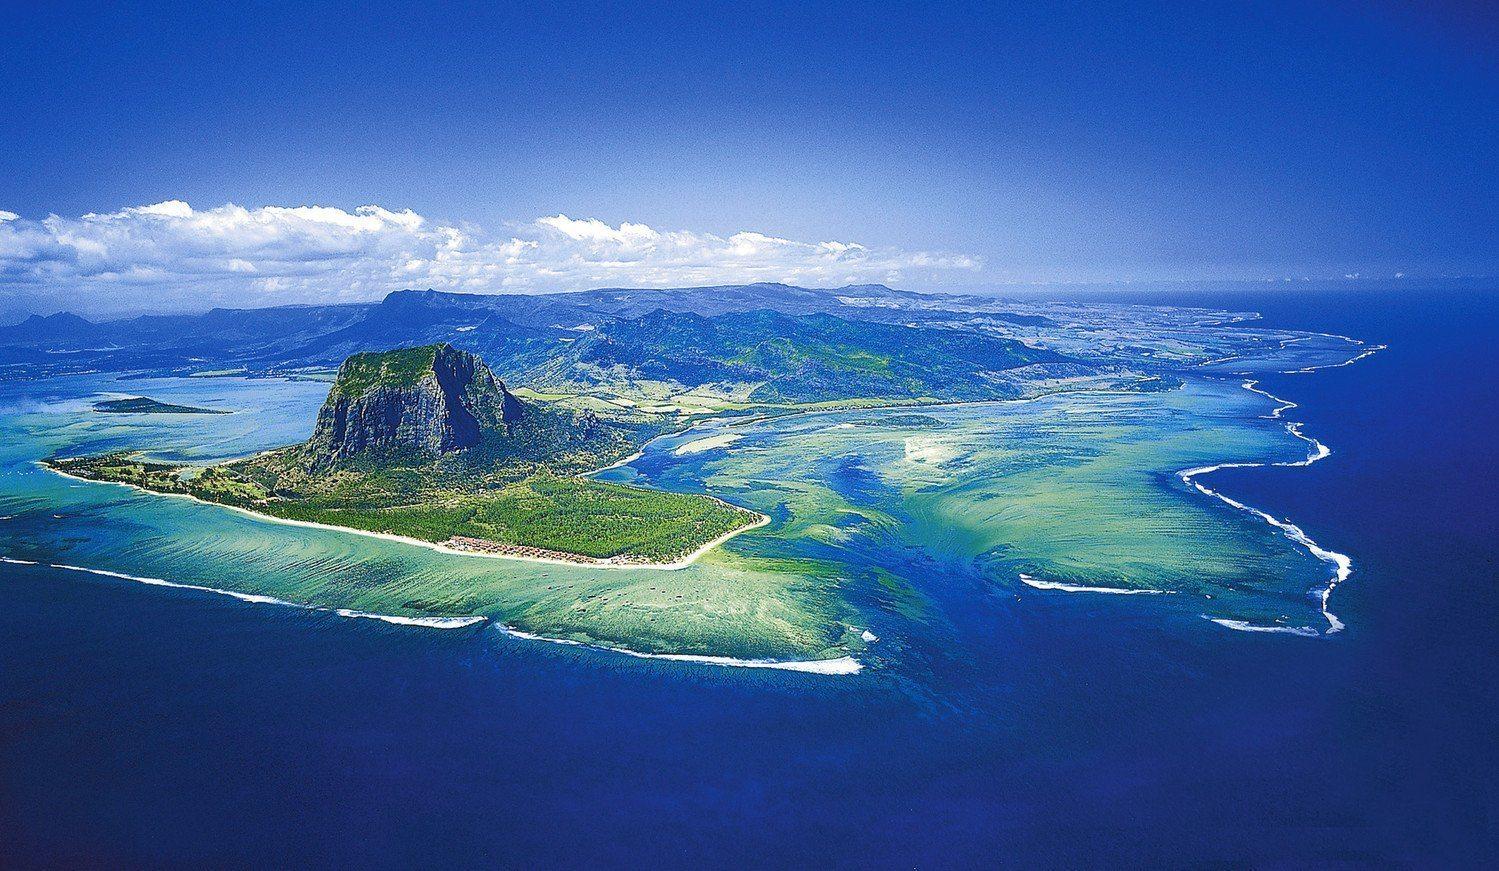 ????? ??? ????? ?? ?madagascar island??